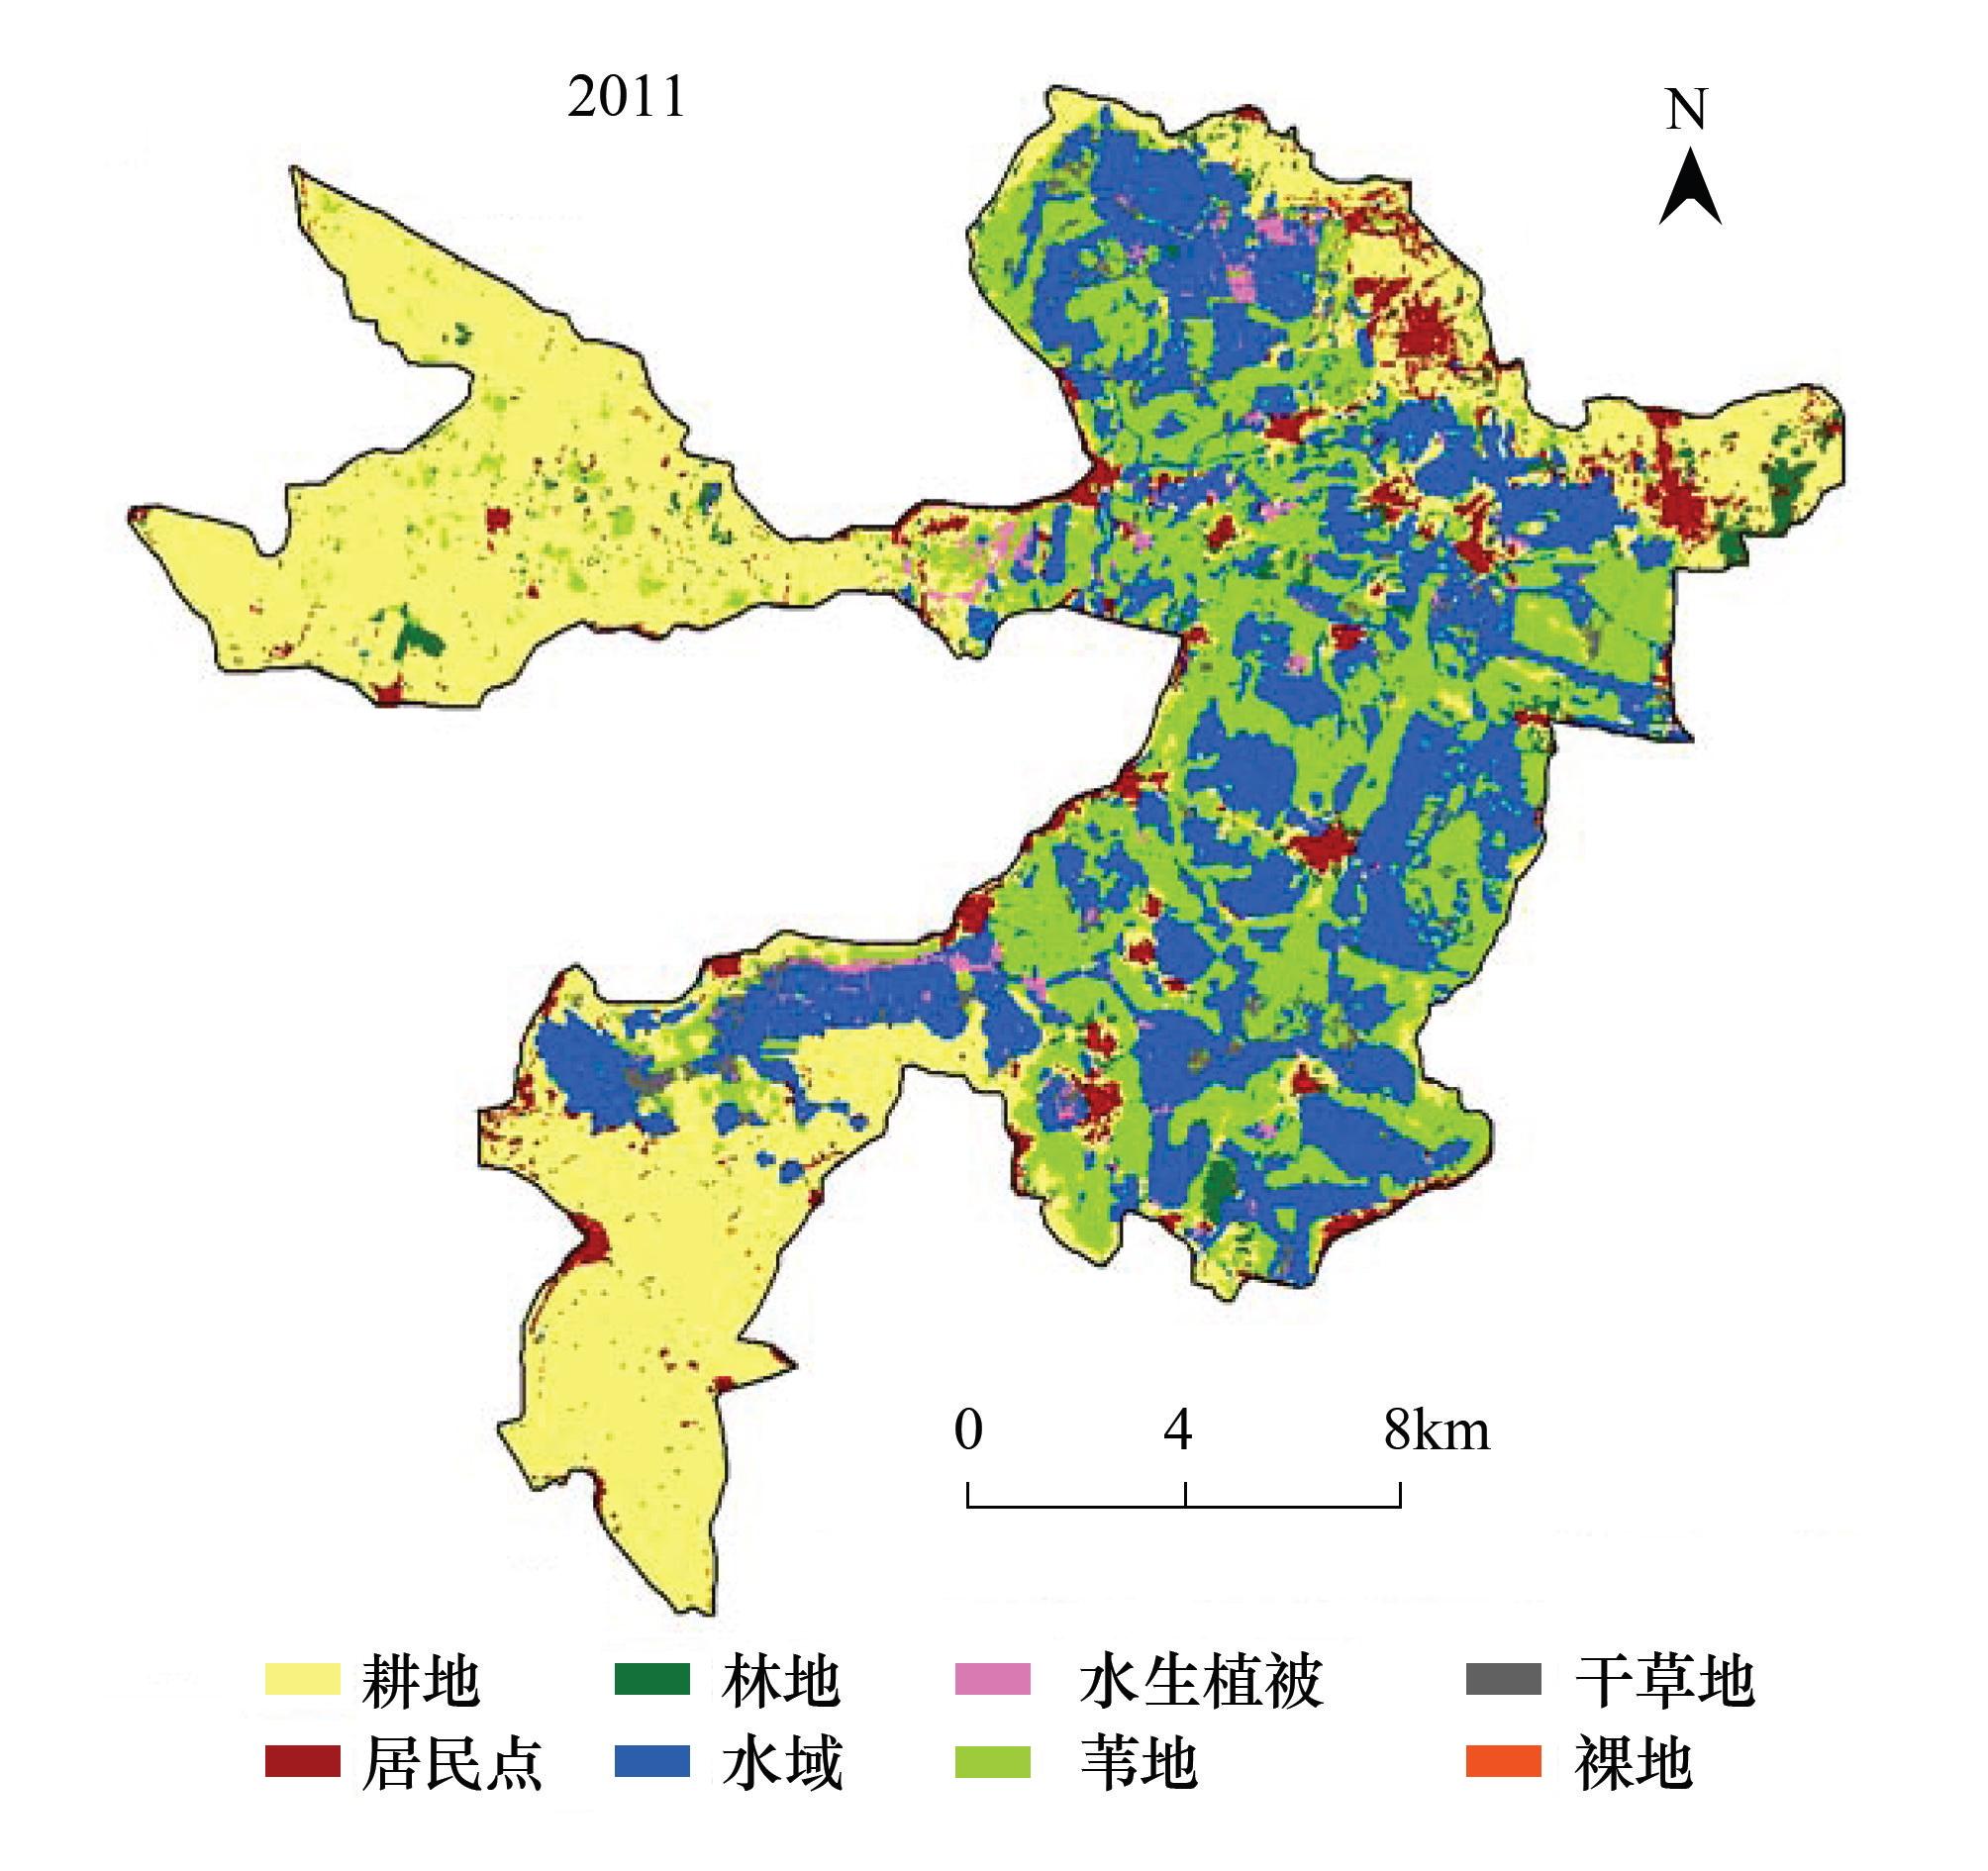 雄安新区总体规划环评开始编制 将建生态保护